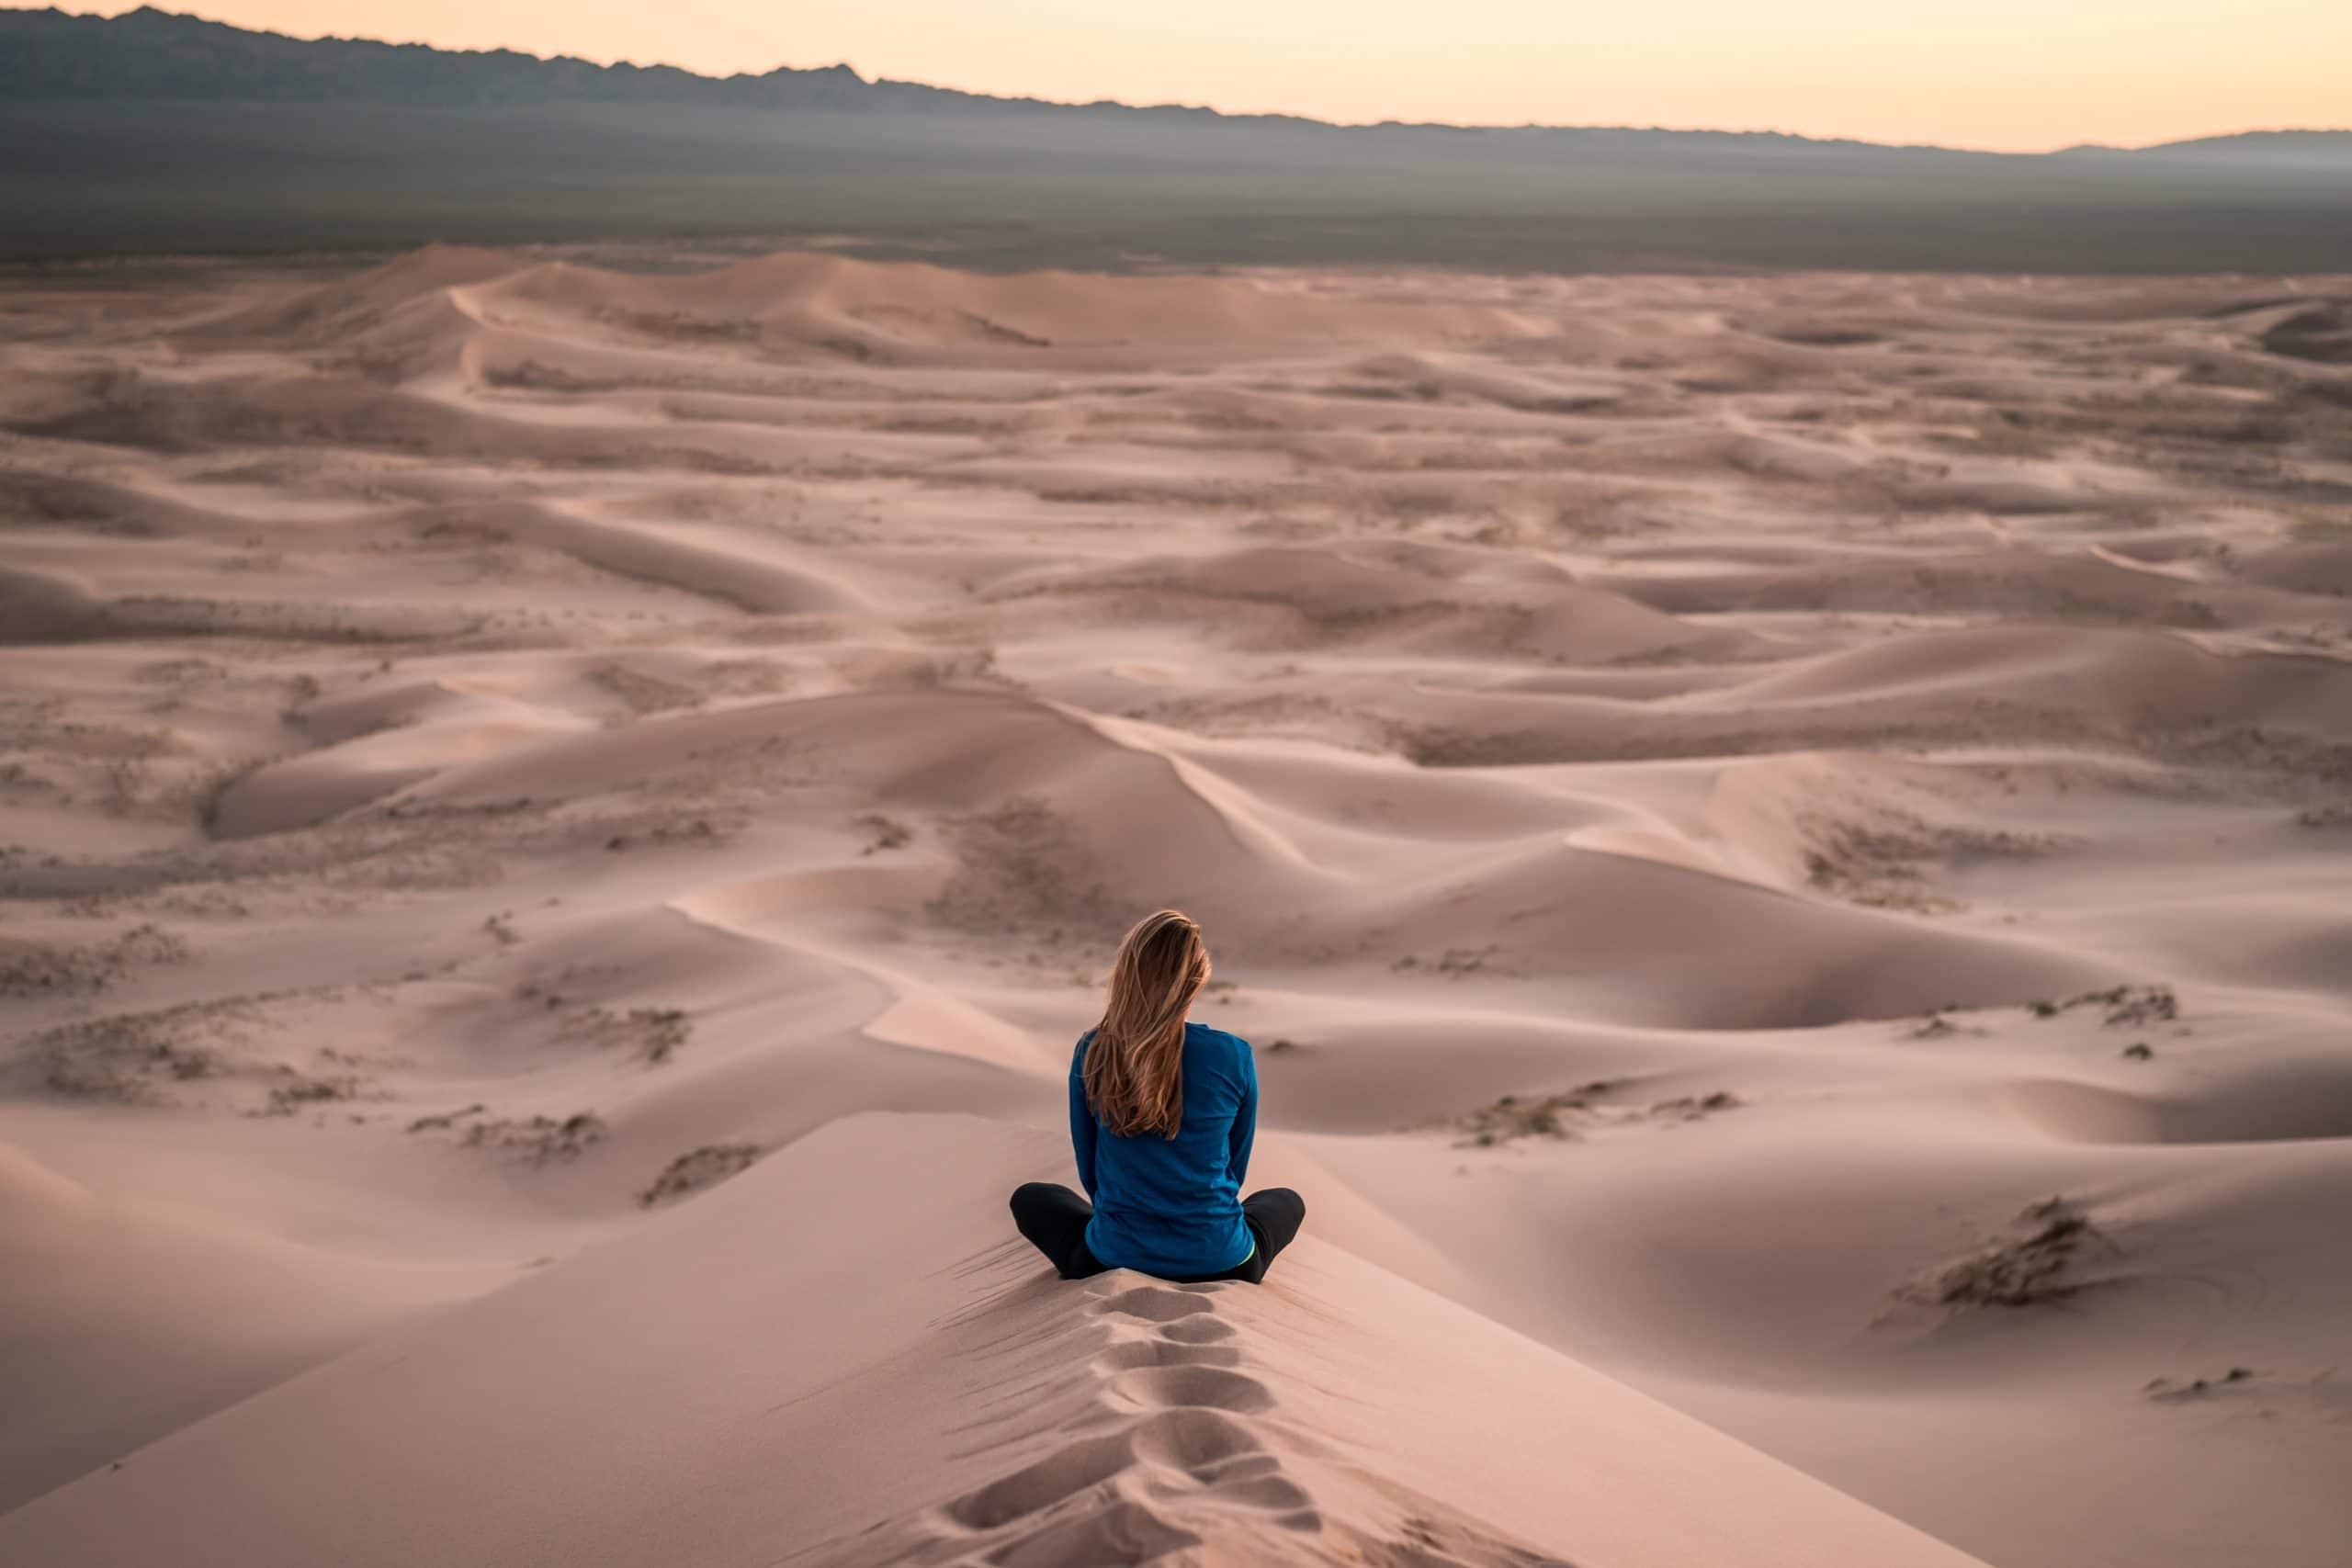 Mulher sentada em deserto de areia